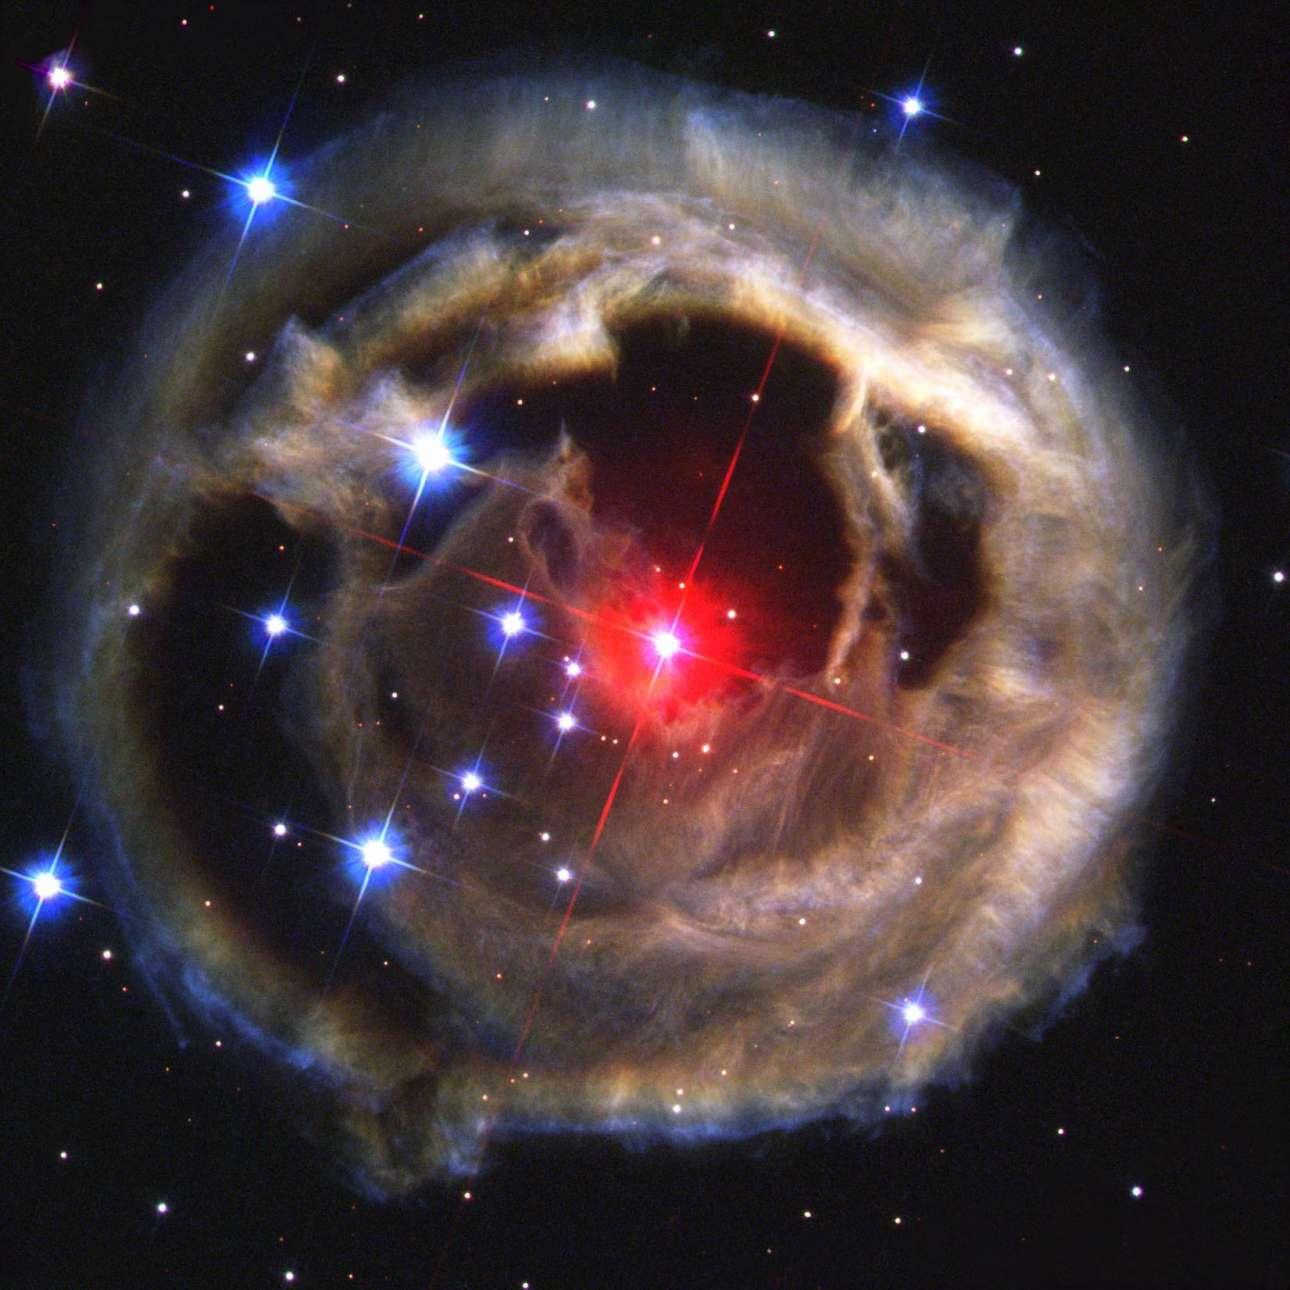 «To γιγάντιο φωτοστέφανo». Κολοσσιαίες ποσότητες κοσμικής ύλης στροβιλίζονται σε έκταση τρισεκατομμυρίων χλμ. στο Διάστημα δημιουργώντας ένα νεφέλωμα αερίων και σκόνης που μοιάζει με ένα υπέρλαμπρο φωτοστέφανο γύρω από το άστρο V838 Monocerotis. Το άστρο βρίσκεται σε απόσταση 20 χιλιάδων ετών φωτός από εμάς στον αστερισμό του Μονόκερου. Πριν από 18 έτη οι αστρονόμοι εντόπισαν ένα εντυπωσιακό κοσμικό φαινόμενο στην συγκεκριμένη περιοχή. Το V838 Monocerotis έγινε ξαφνικά ένα εκατομμύριο φορές πιο λαμπρό από τον Ήλιο και για λίγο καιρό ήταν το πιο φωτεινό αντικείμενο στον γαλαξία μας. Αρχικά οι επιστήμονες θεώρησαν ότι είχαμε να κάνουμε με μια συνηθισμένη έκρηξη σουπερνόβα η οποία κατέστρεψε το άστρο. Από τις παρατηρήσεις διαπιστώθηκε ότι εδώ δεν έχουμε να κάνουμε μια έκρηξη αλλά με διαδοχικές  εκρήξεις γεγονός που δεν μπορούν να εξηγήσουν οι ειδικοί. Μια εκτίμηση είναι ότι οι διαδοχικές εκρήξεις είναι αποτέλεσμα της καταστροφής των πλανητών που είχαν σχηματιστεί γύρω από το συγκεκριμένο άστρο οι οποίοι καθώς έφτανε σε εκείνους το «κοσμικό τσουνάμι» της αστρικής έκρηξης καταστρέφονταν και αυτοί. Μια δεύτερη εκτίμηση είναι το V838 Monocerotis ήταν δυαδικό σύστημα και οι εκρήξεις είναι το αποτέλεσμα της συγχώνευσης των δύο άστρων. Δύο χρόνια μετά τον εντοπισμό του φαινομένου το Hubble κατέγραψε αυτή την εικόνα.